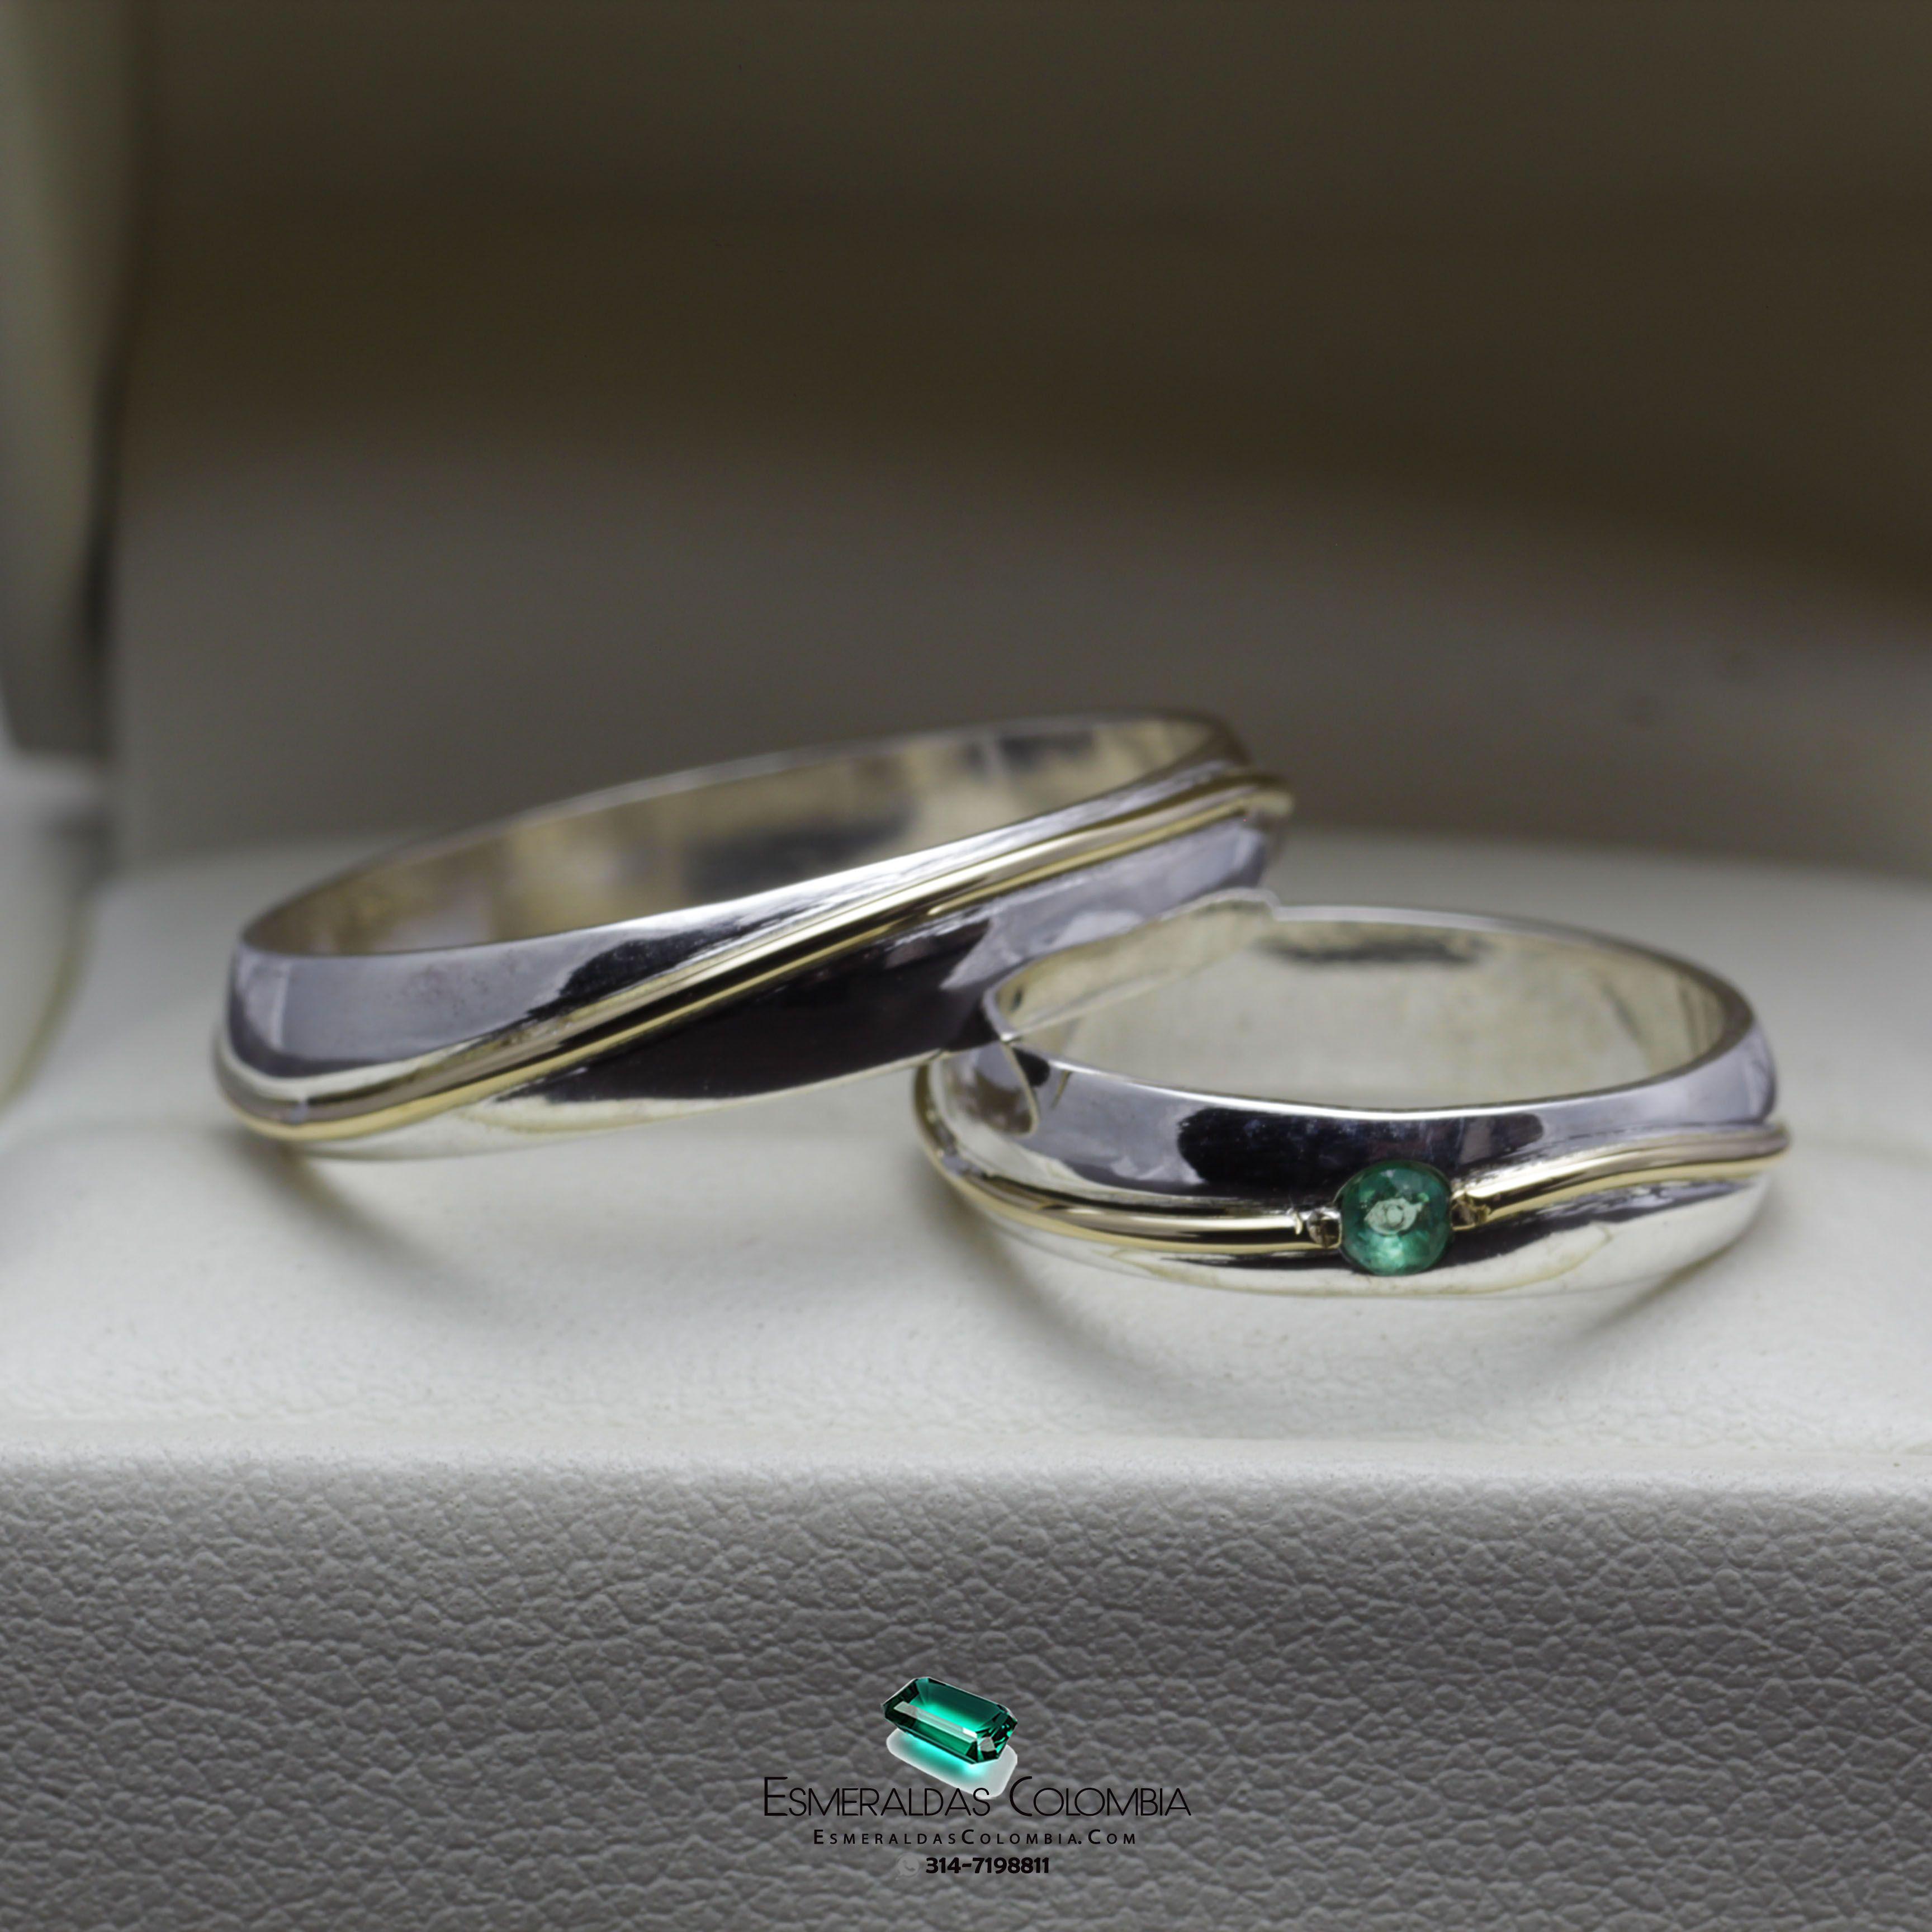 57f15a74945f Argollas de Matrimonio Plata 950